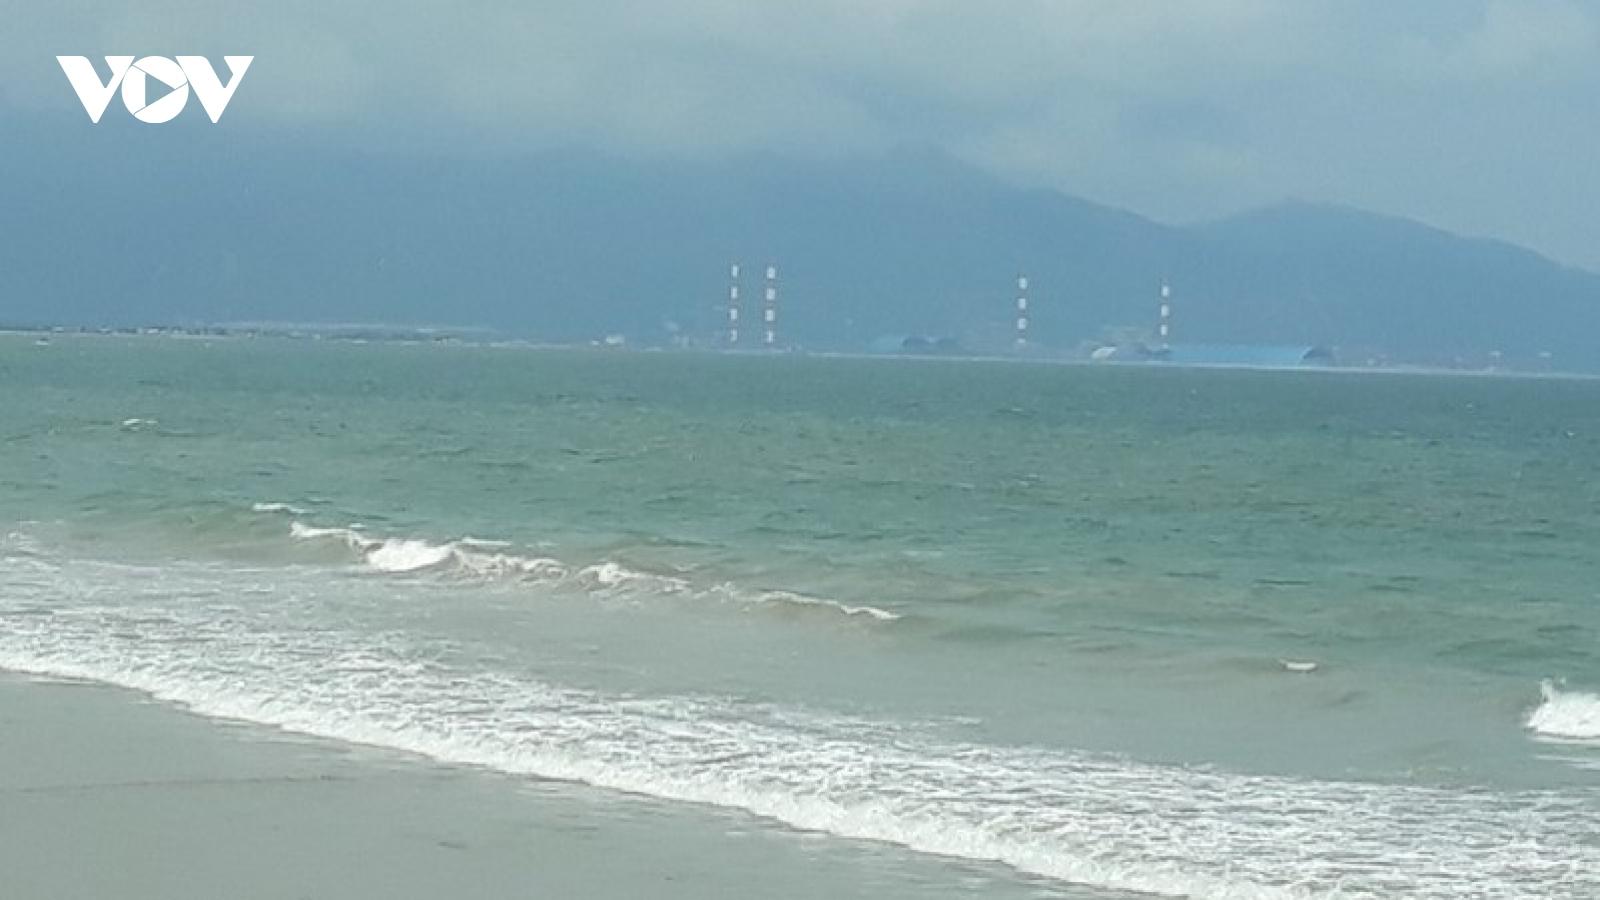 Đã tìm thấy 12 thuyền viên gặp nạn trên tàu Panama